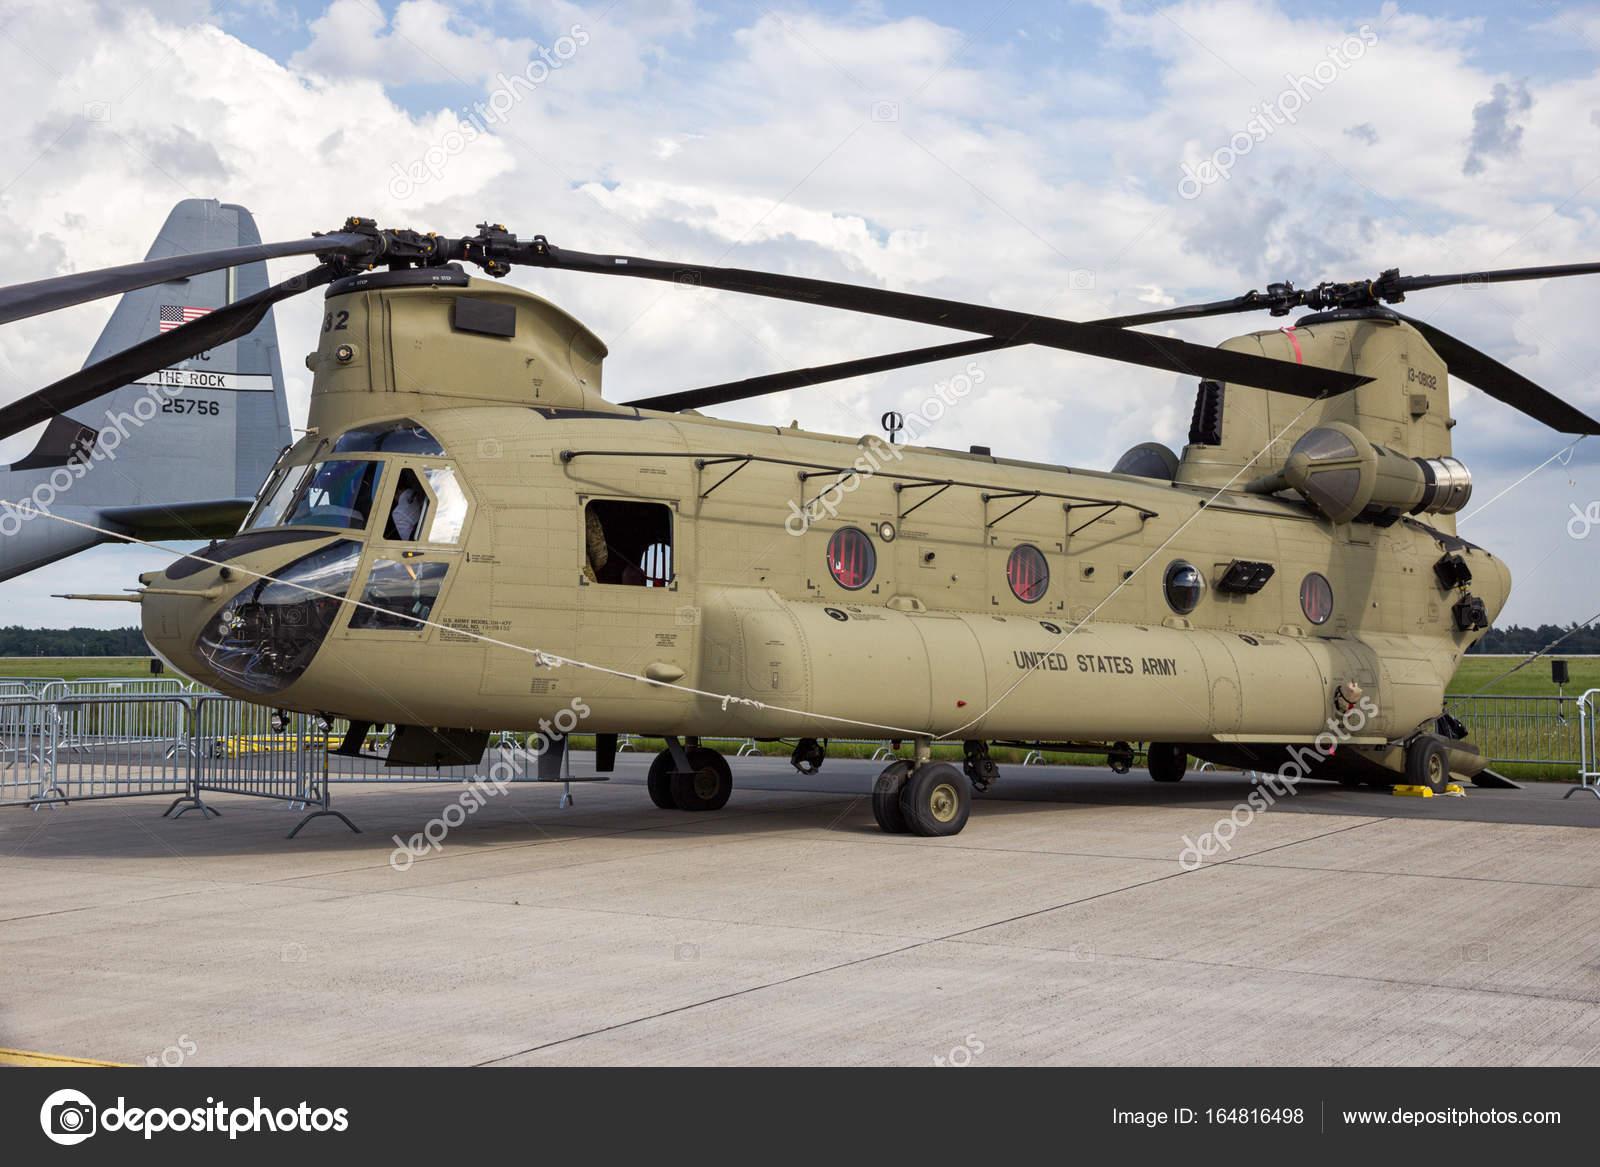 Elicottero Ch : Elicottero chinook cargo militari u foto editoriale stock foto